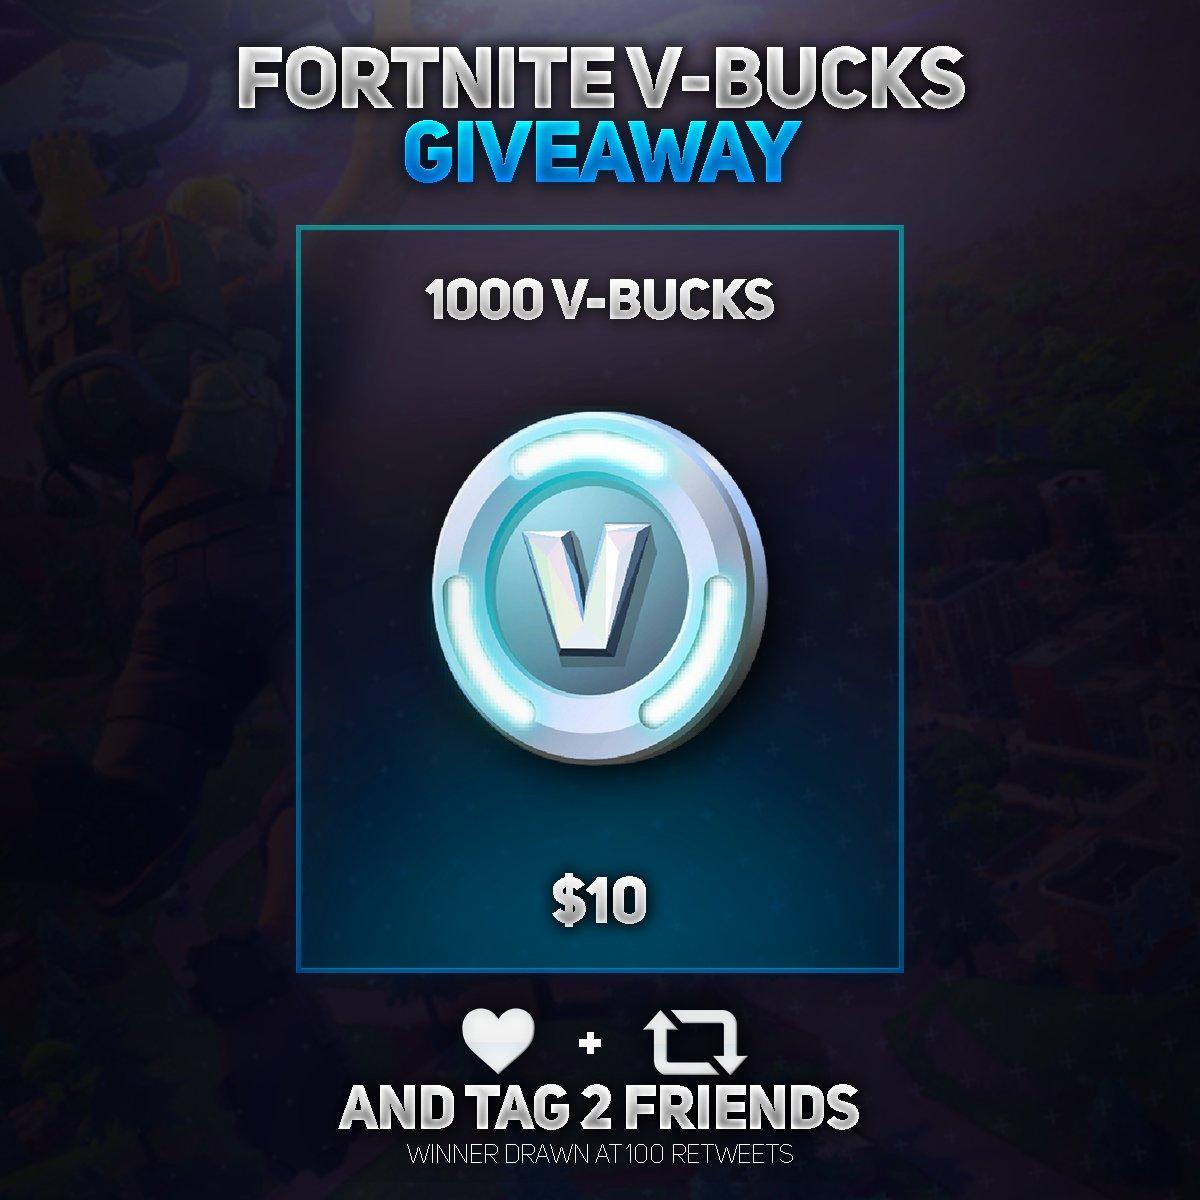 Fortnite Daily Items On Twitter V Bucks Giveaway 1000 V